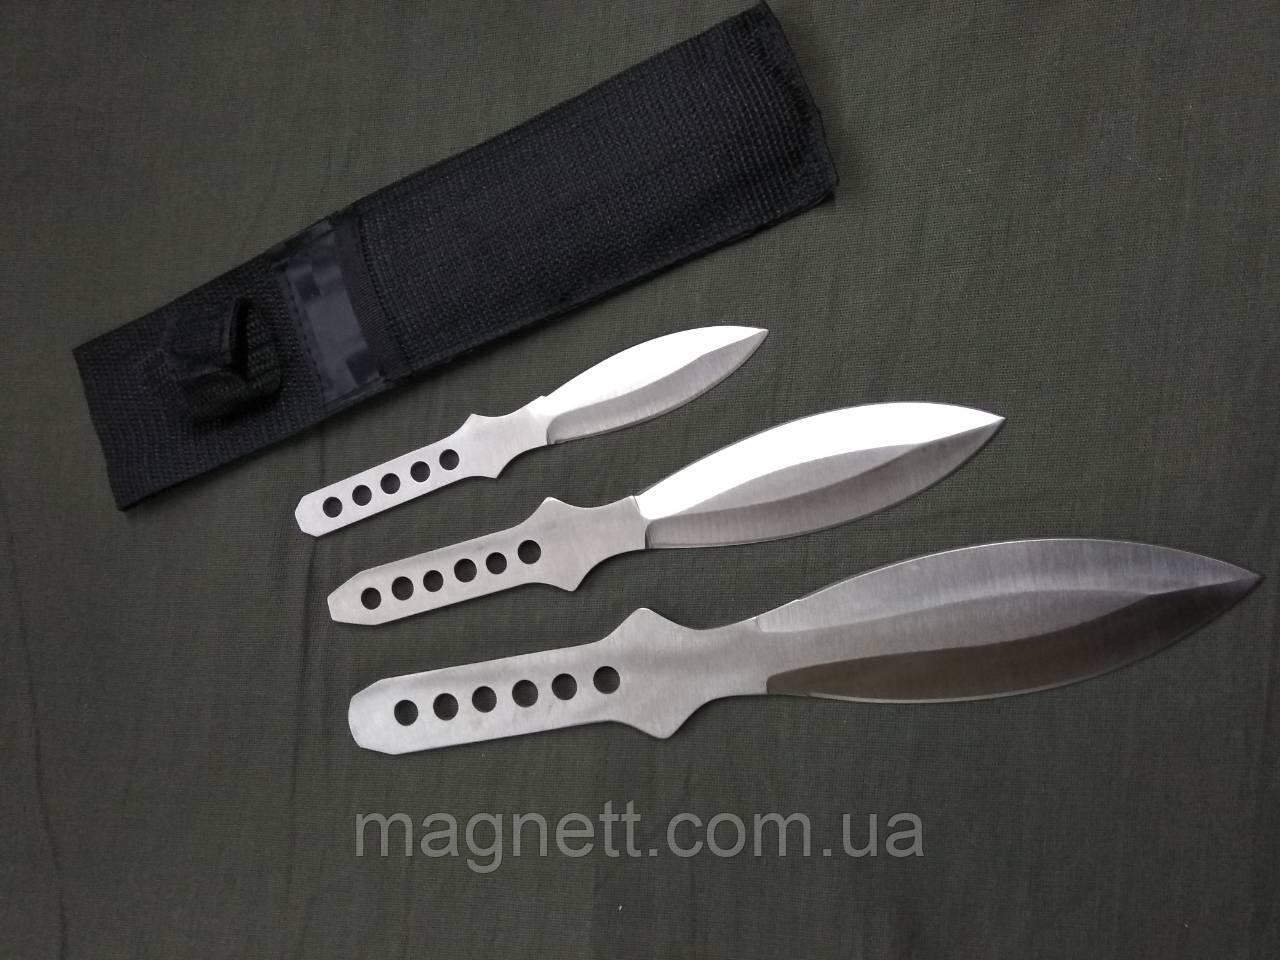 Набор метательных ножей в чехле (3шт)